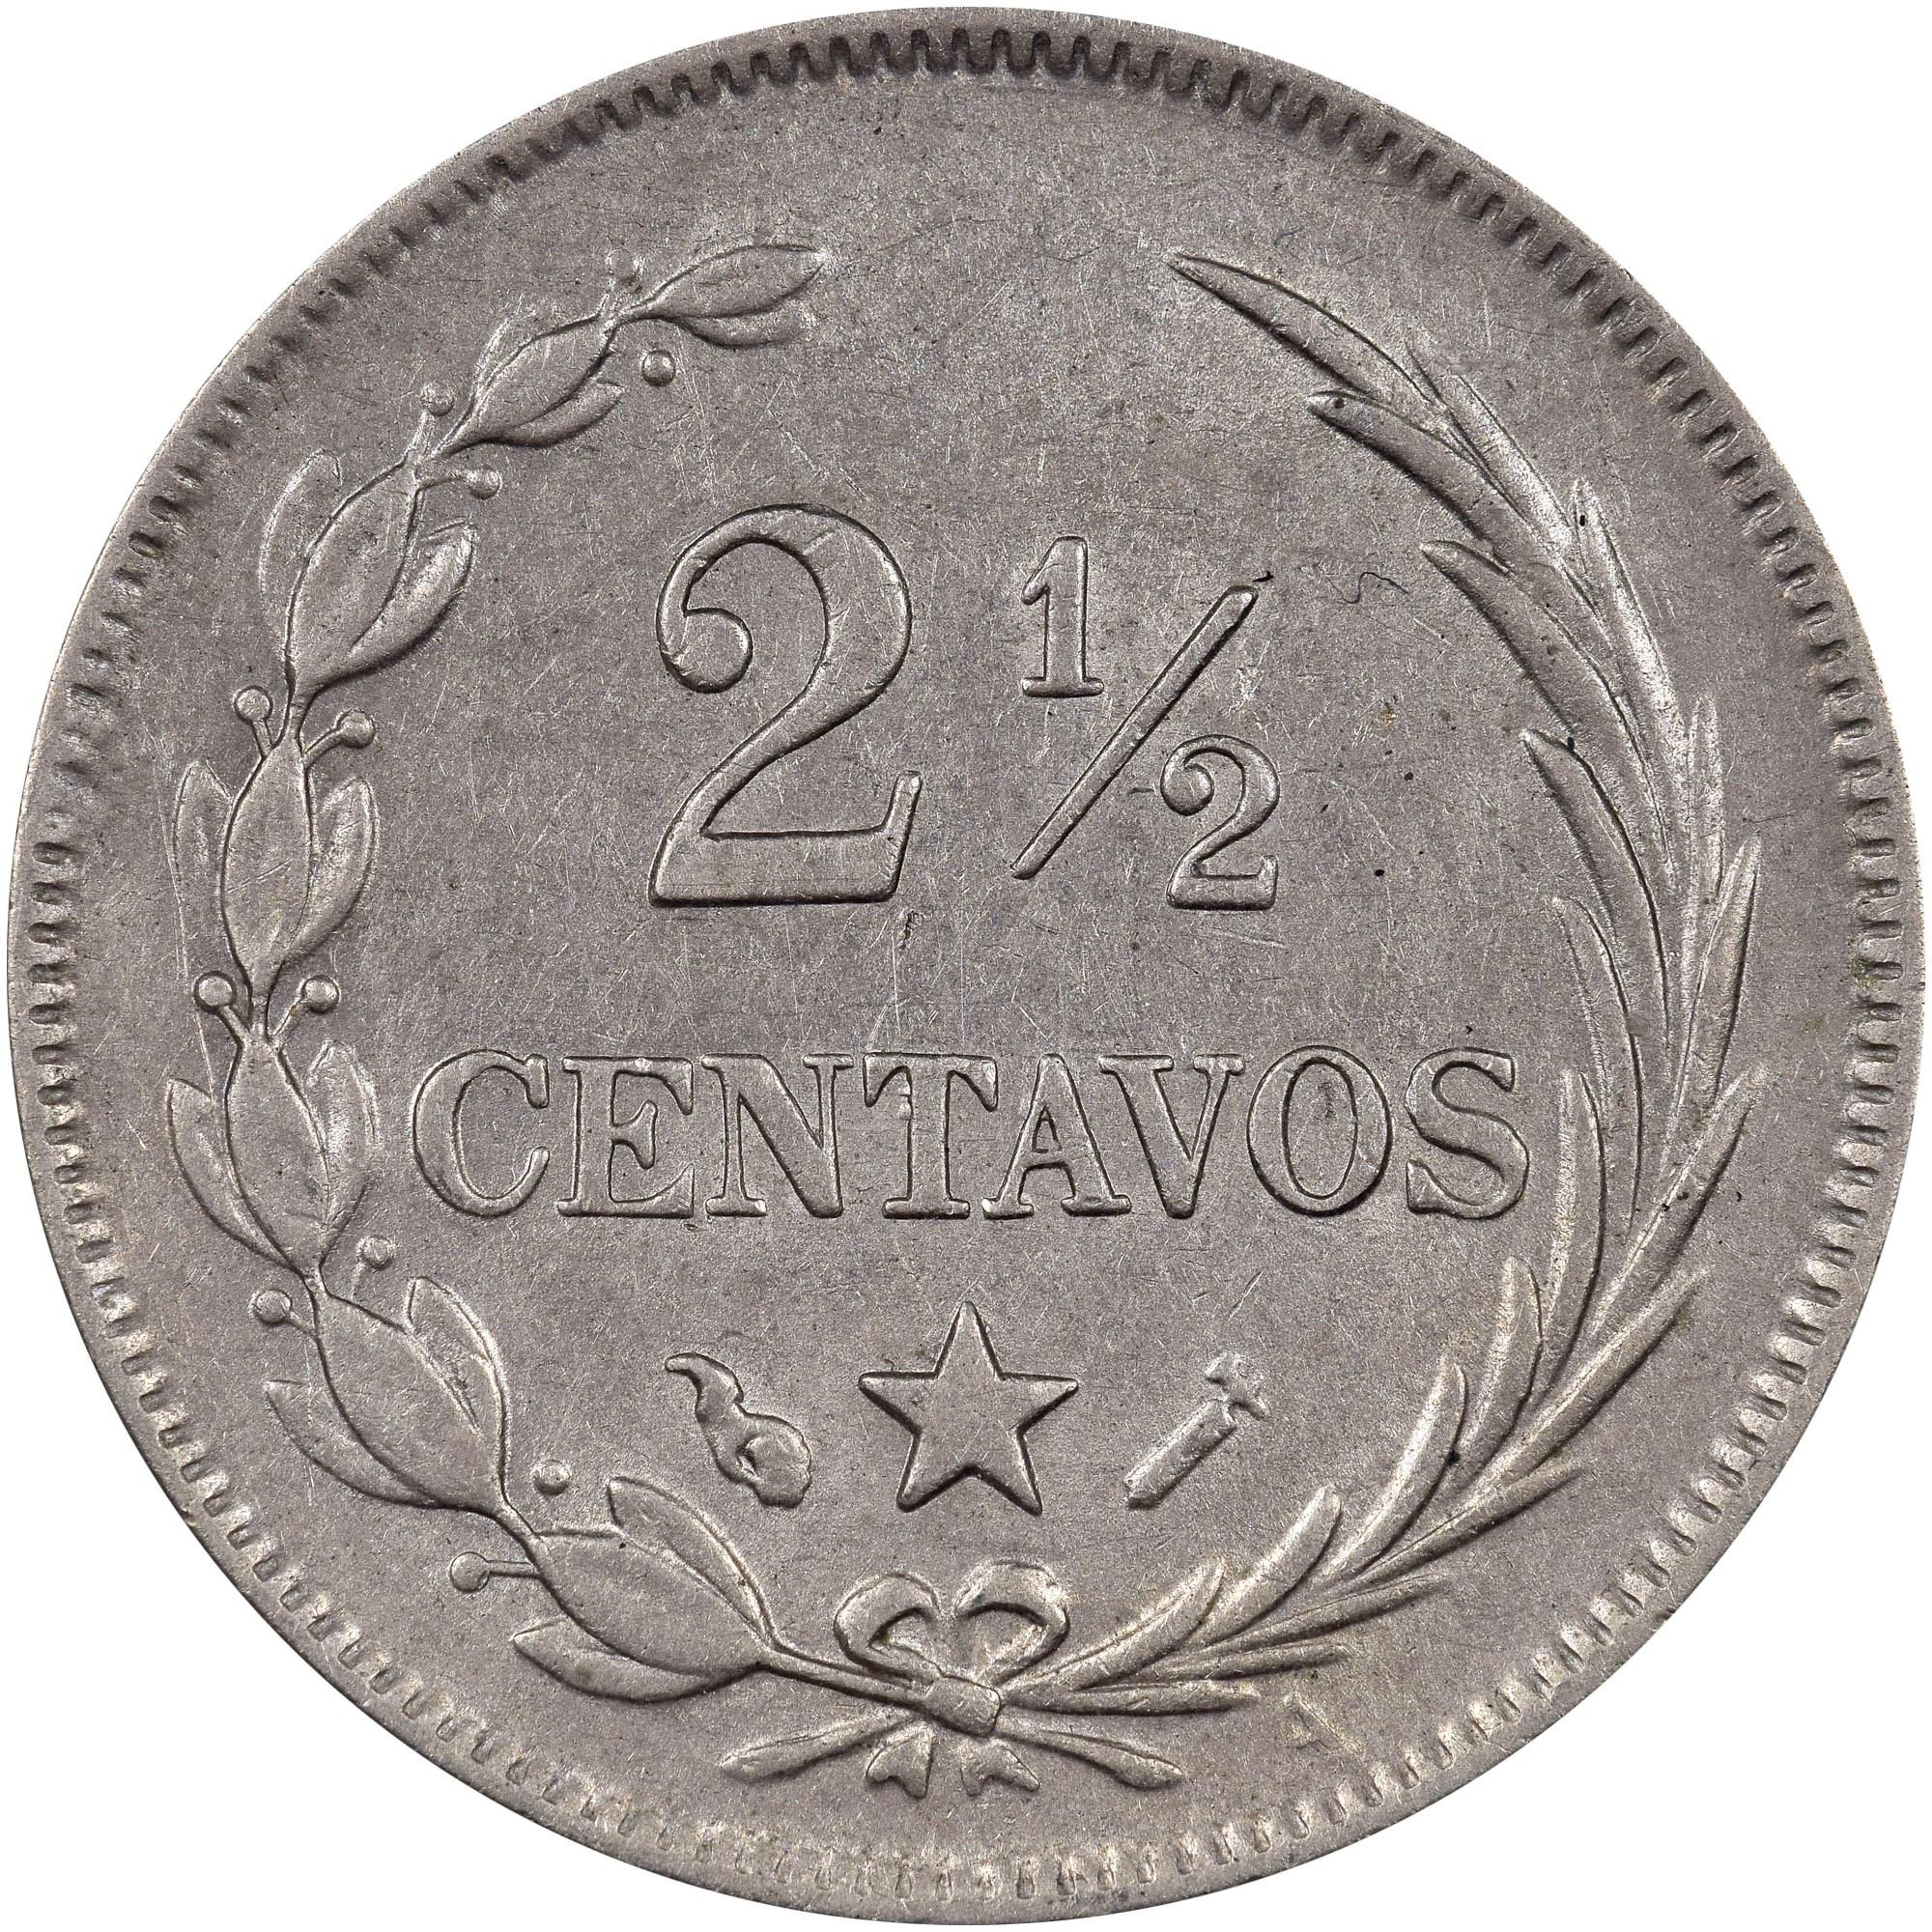 Dominican Republic 2-1/2 Centavos reverse